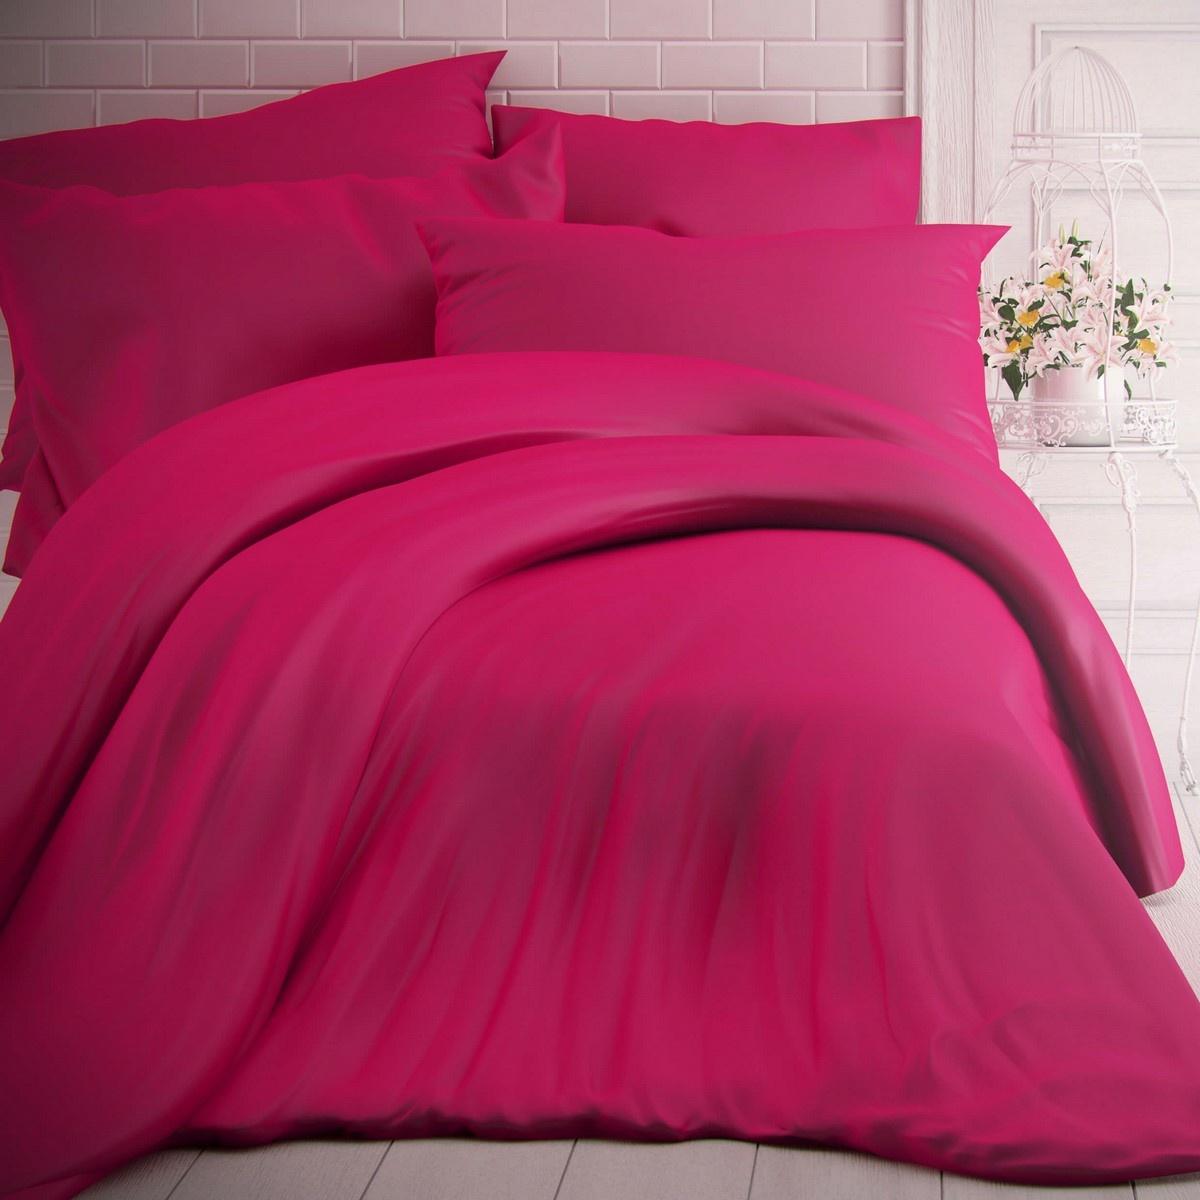 Kvalitex Bavlnené obliečky purpurová, 140 x 200 cm, 70 x 90 cm